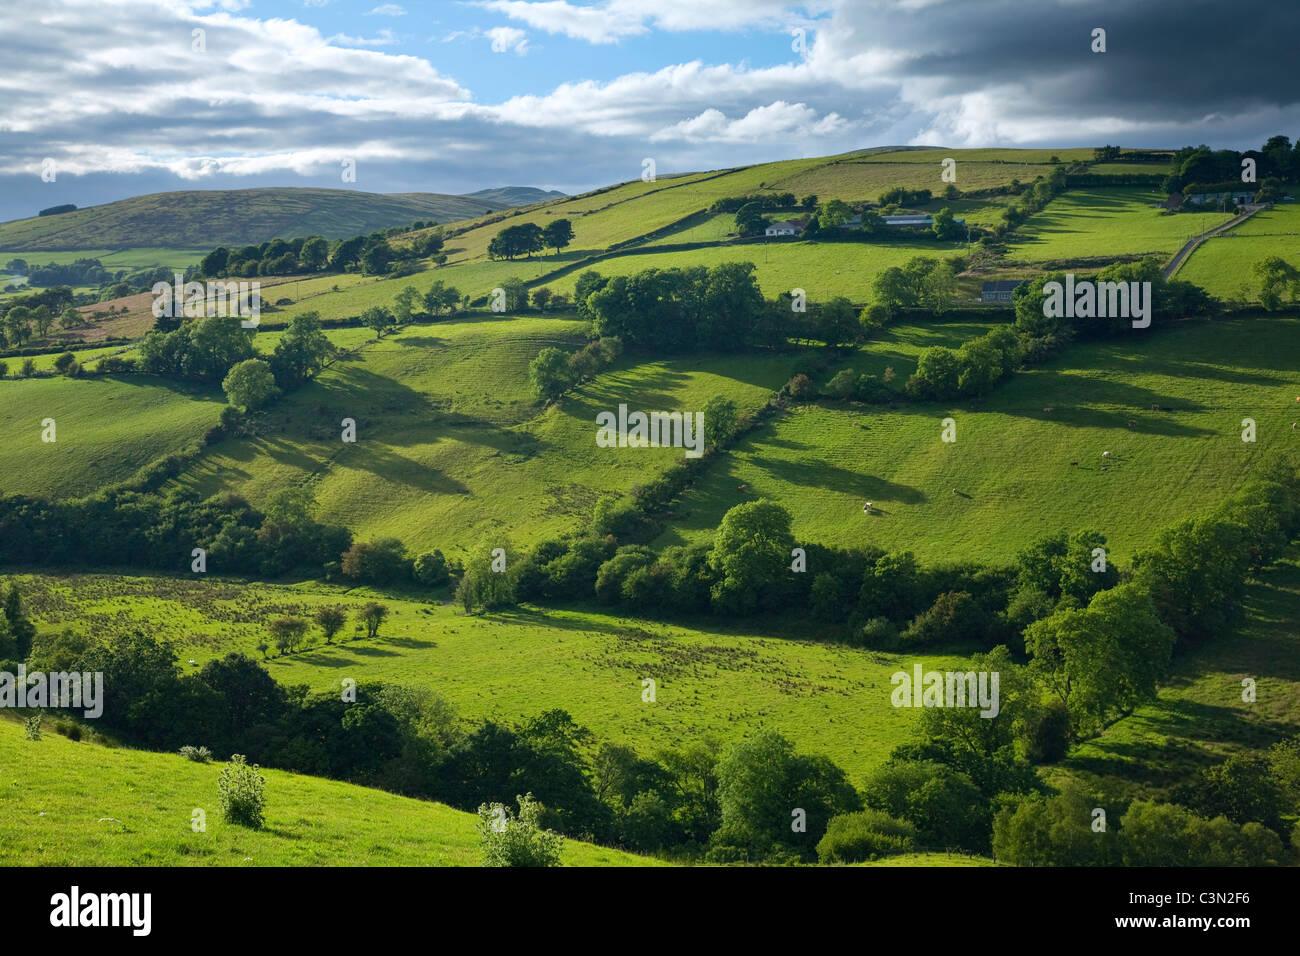 Campos de verano en el valle, las Montañas Sperrin Glenelly, Condado de Tyrone, Irlanda del Norte. Imagen De Stock